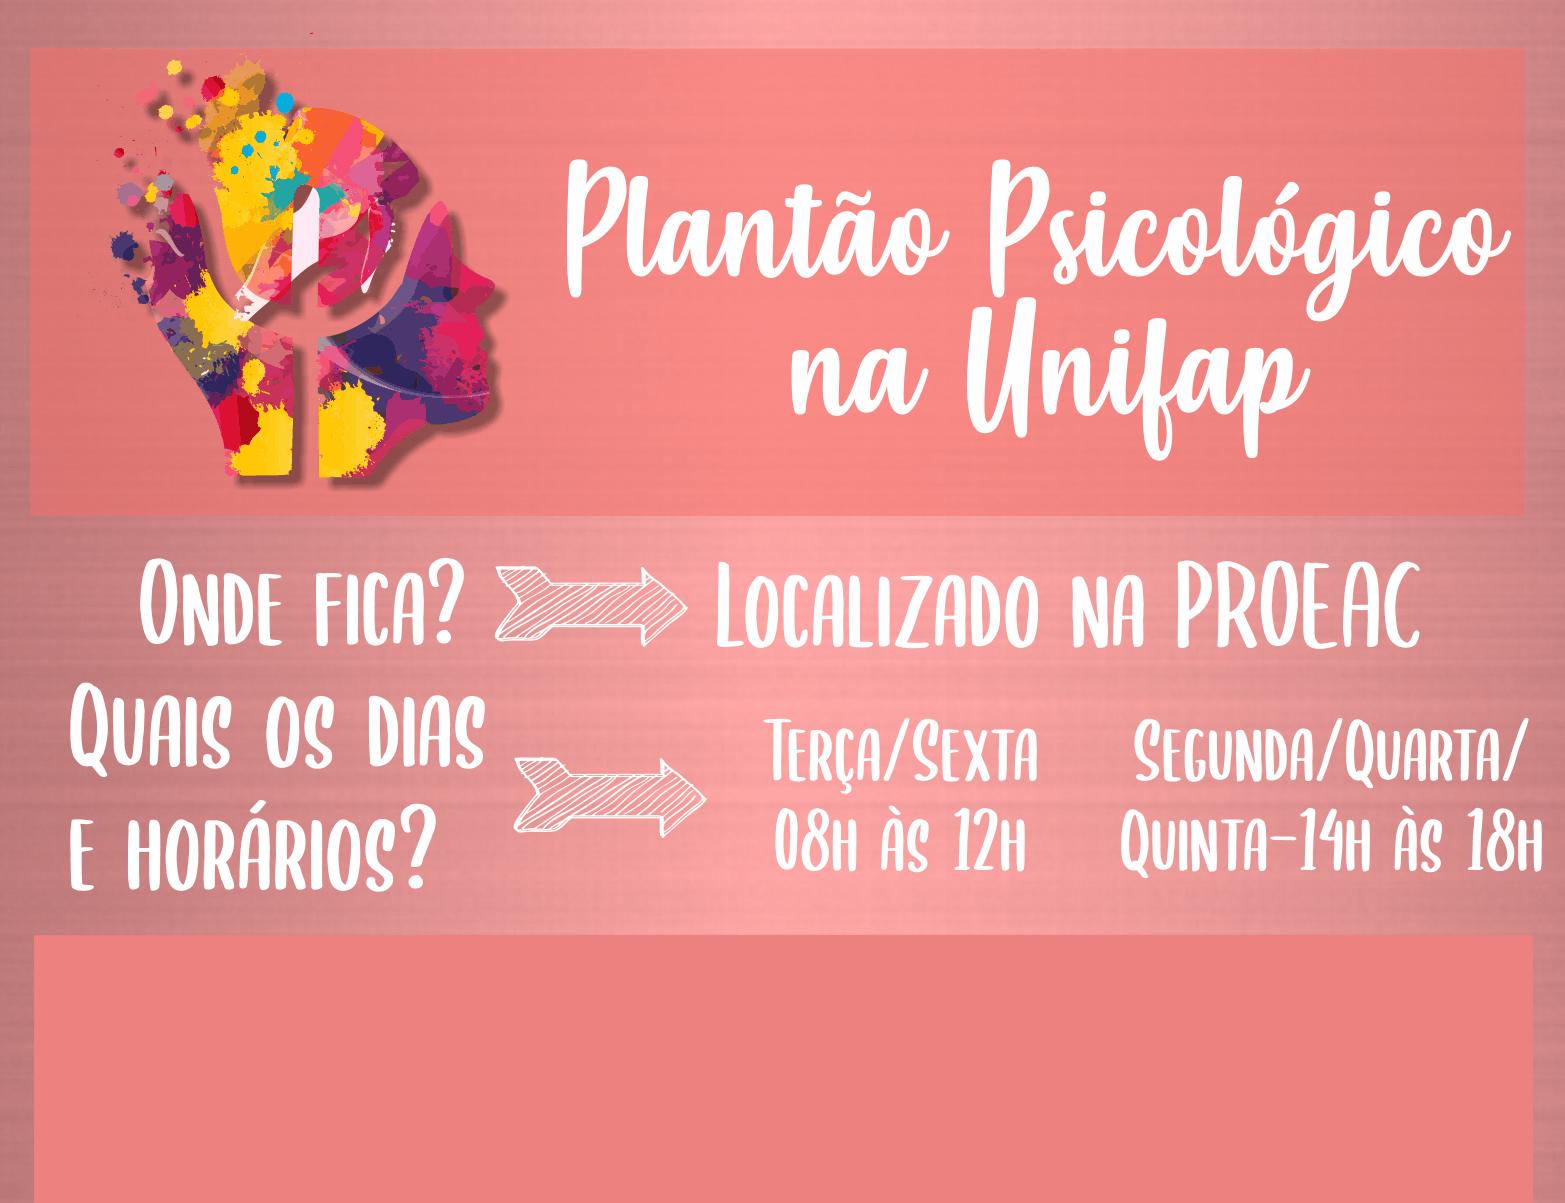 Departamento de Saúde da UNIFAP oferece Plantão Psicológico